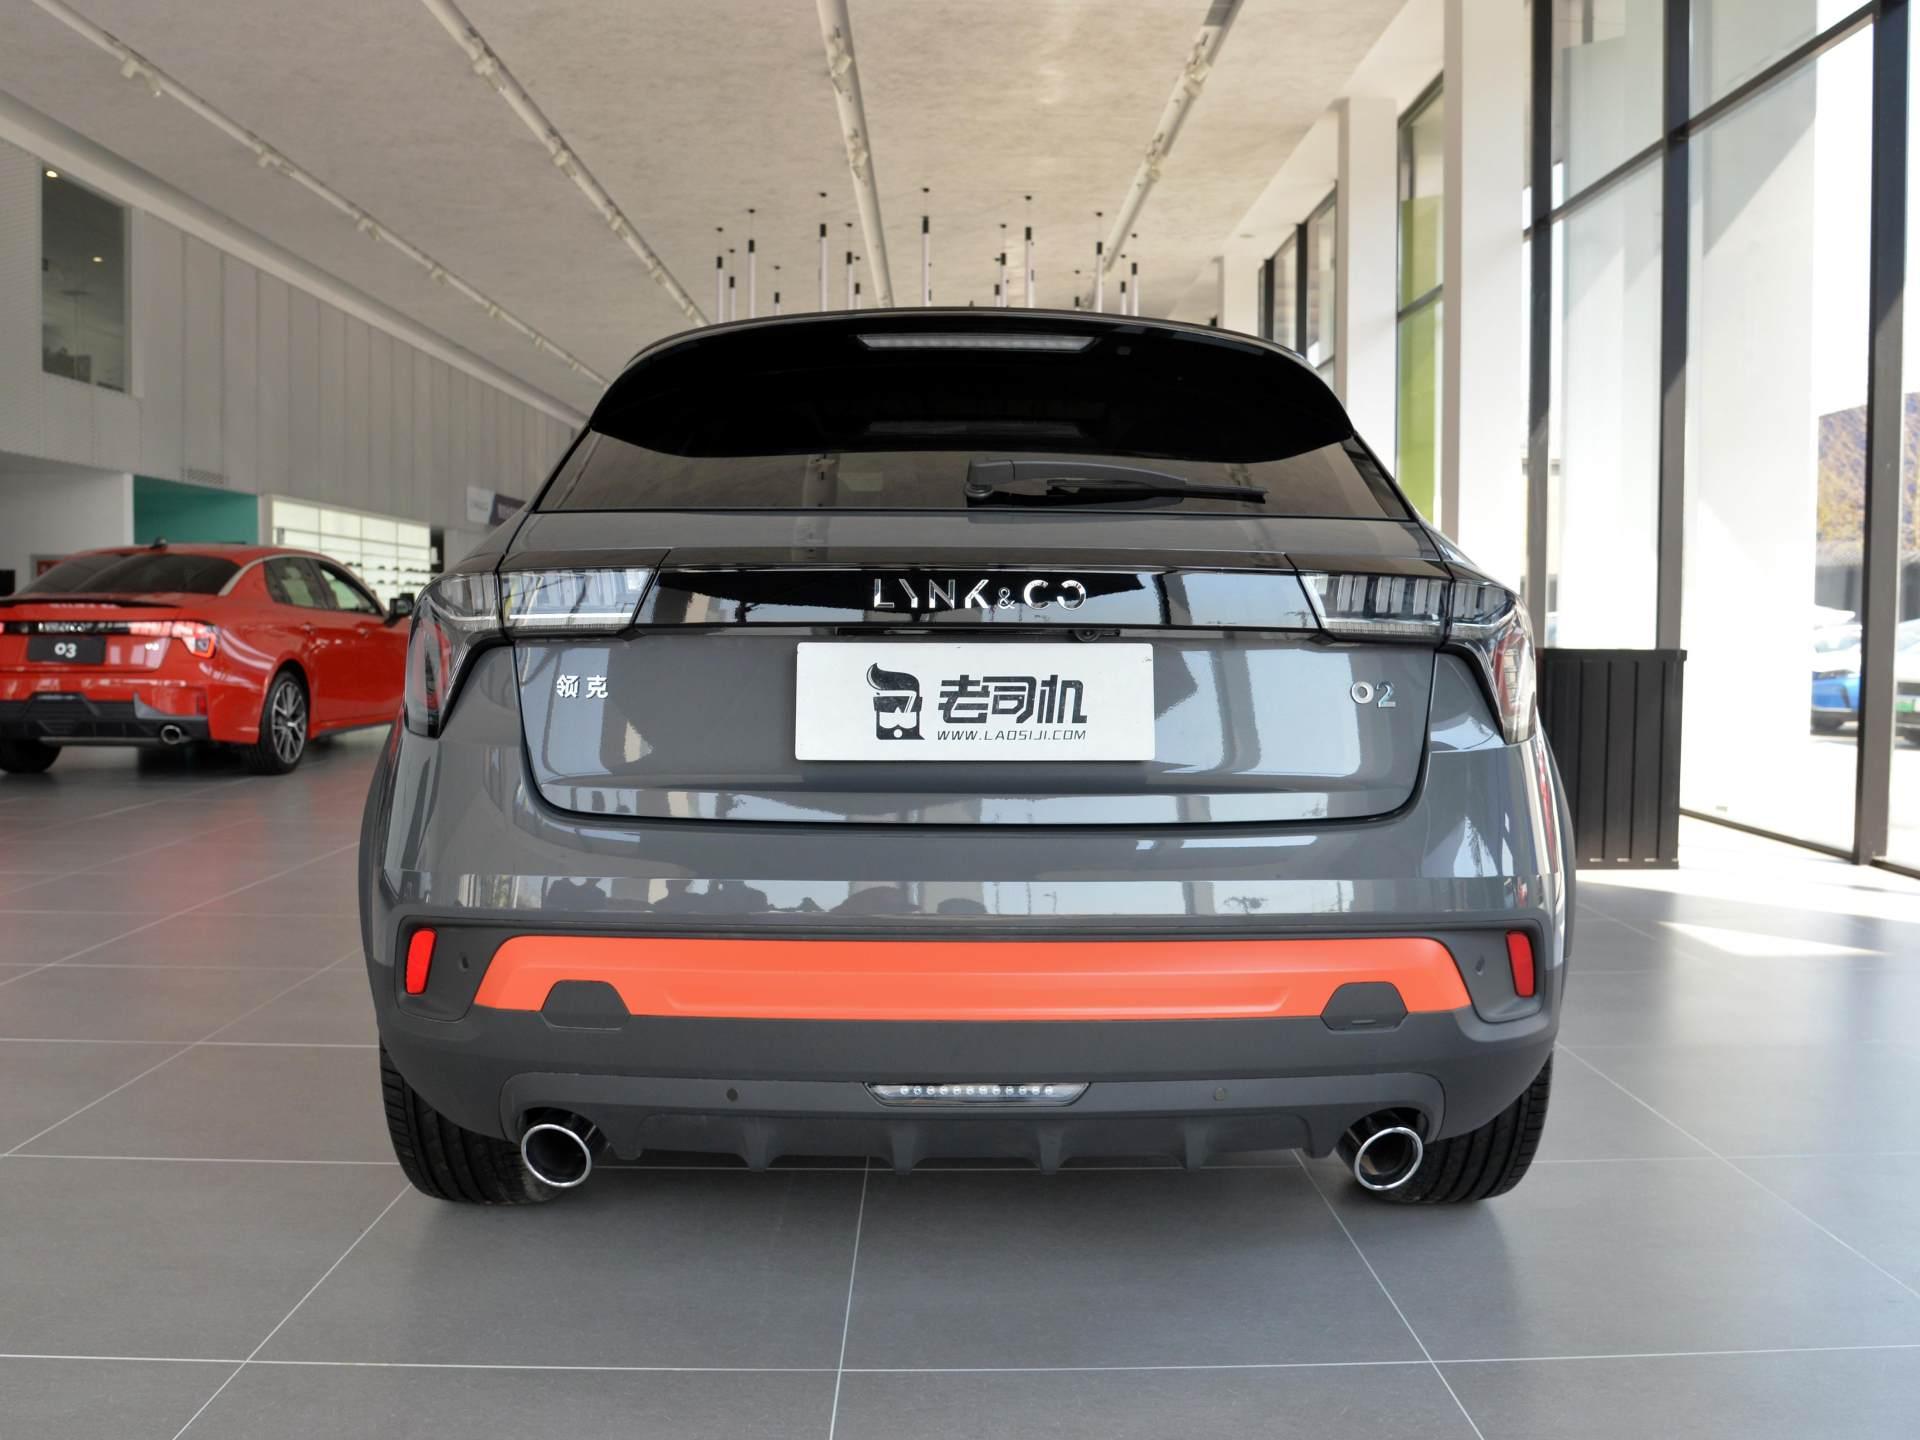 領克的SUV領克02:高配2.0T+6AT,軸距超2.7米,1萬元能接受嗎-圖4